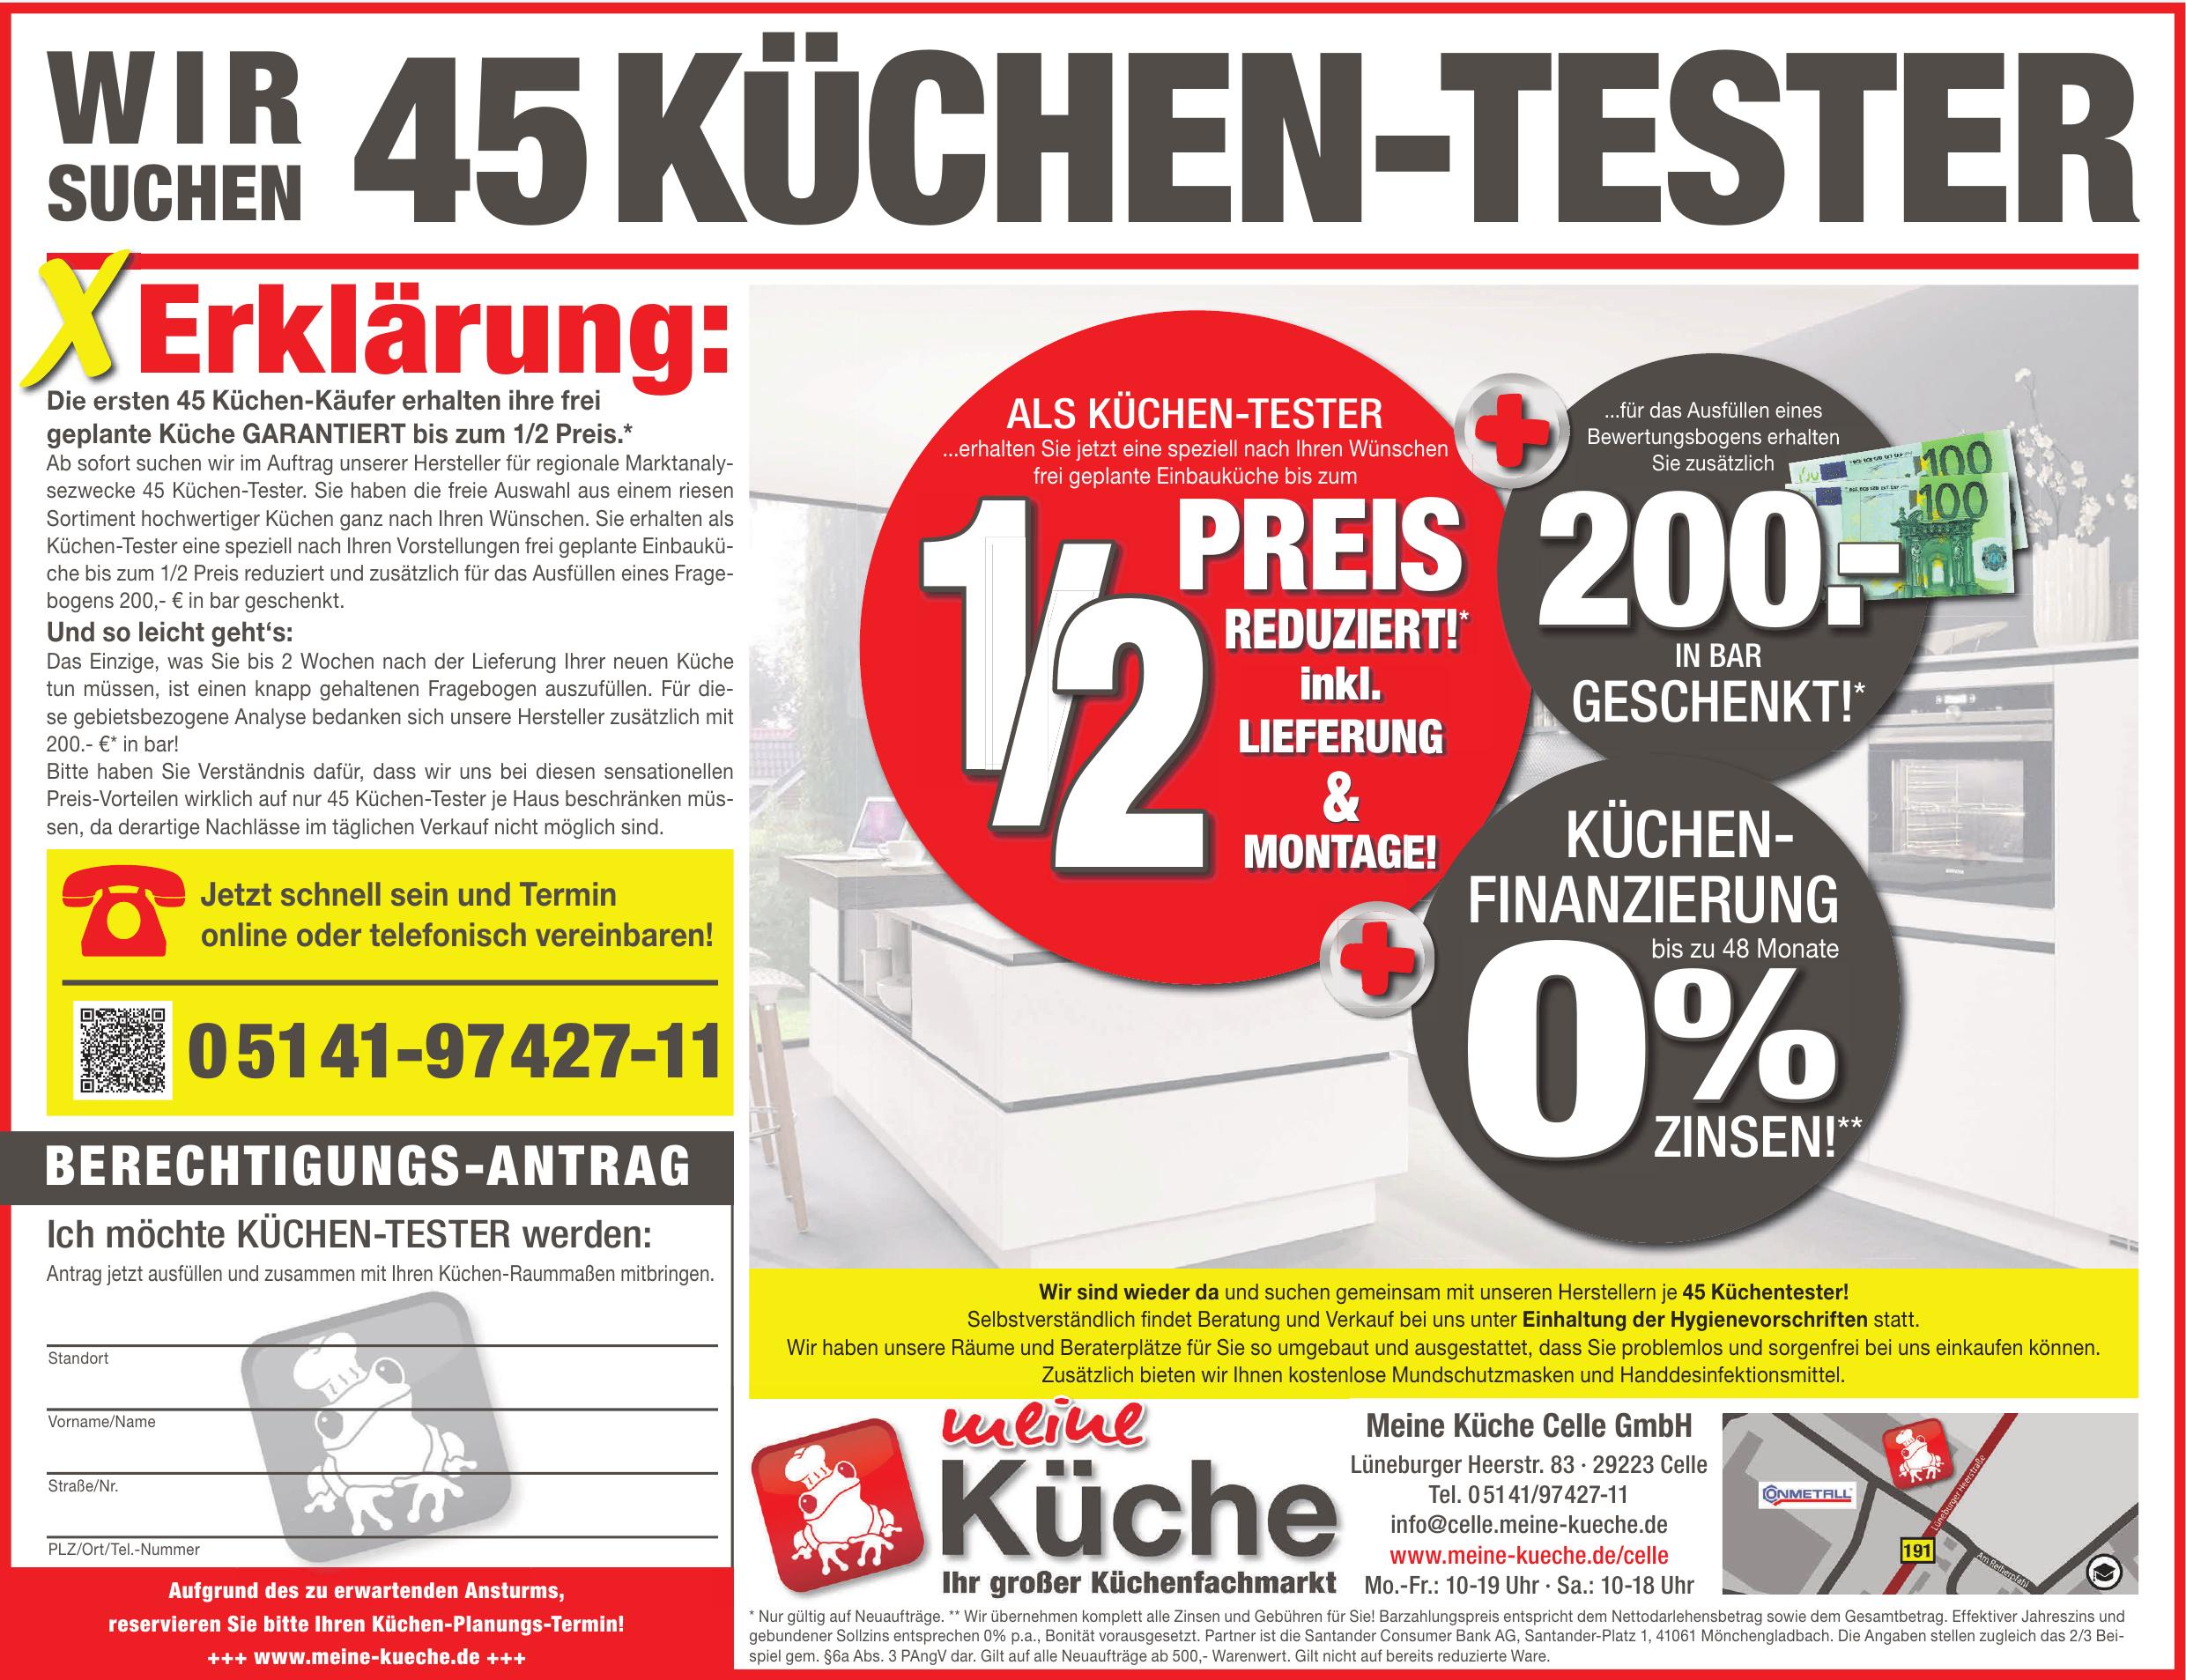 Meine Küche Celle GmbH